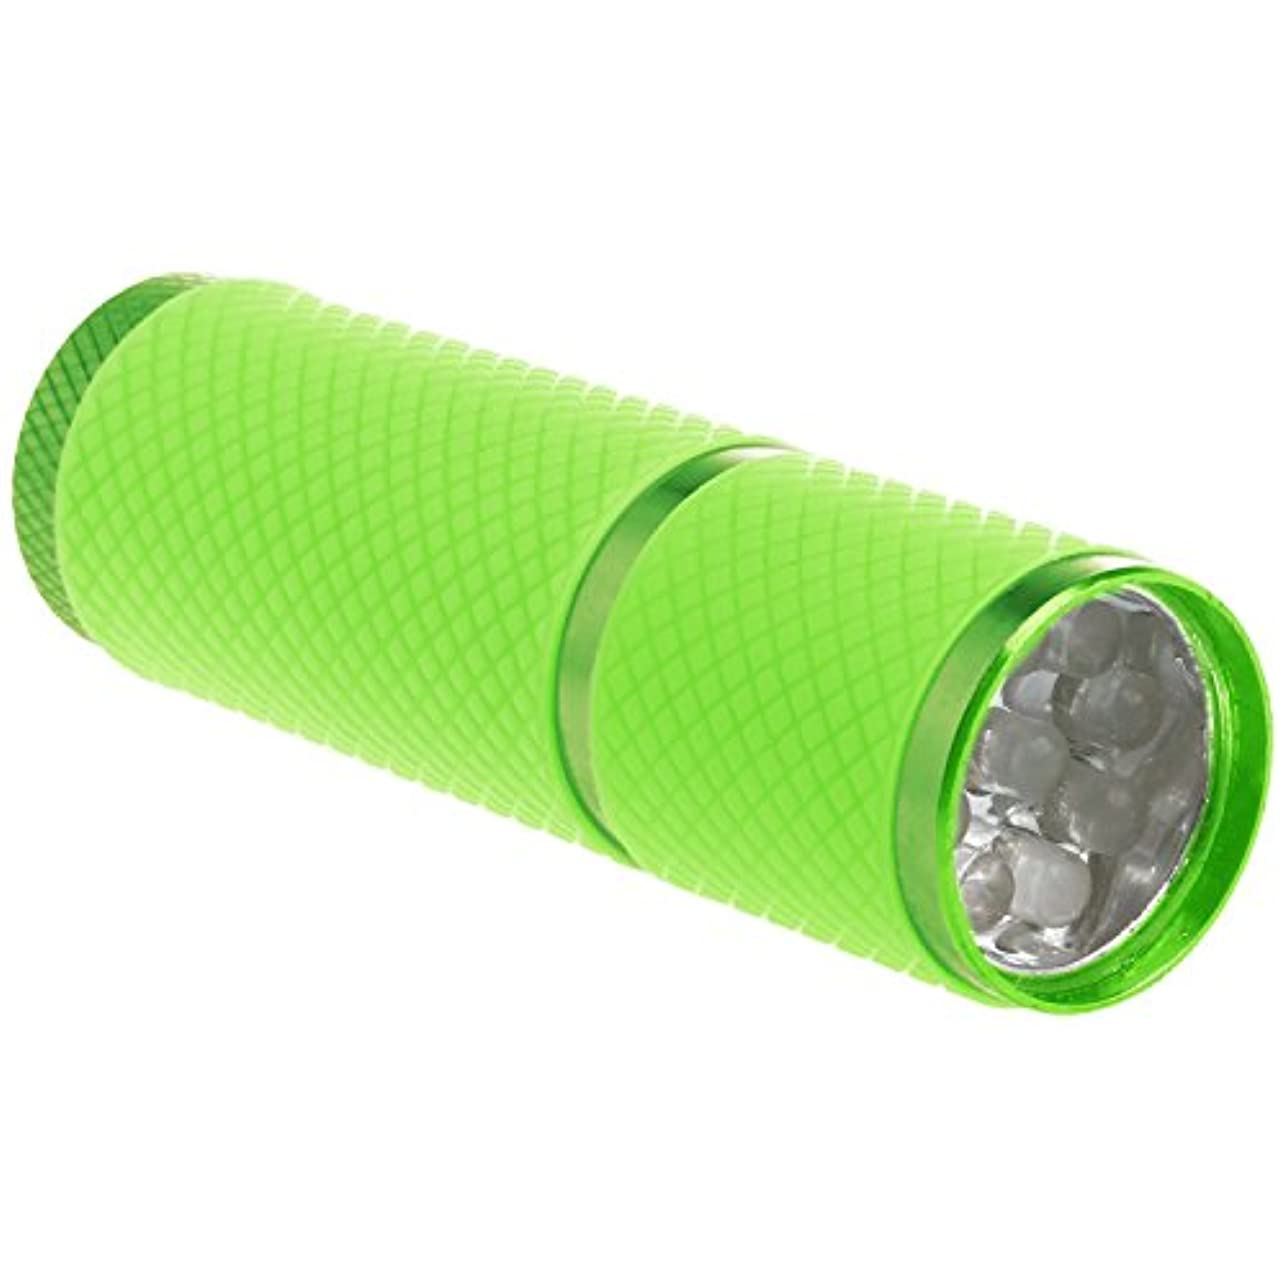 ランプシングル素子SODIAL 1個 ミニ9 LED Uv ゲル硬化ランプ バッテリーなし 携帯性ネイルドライヤー LEDフラッシュライト通貨検出器 アルミニウム合金 グリーンカラー